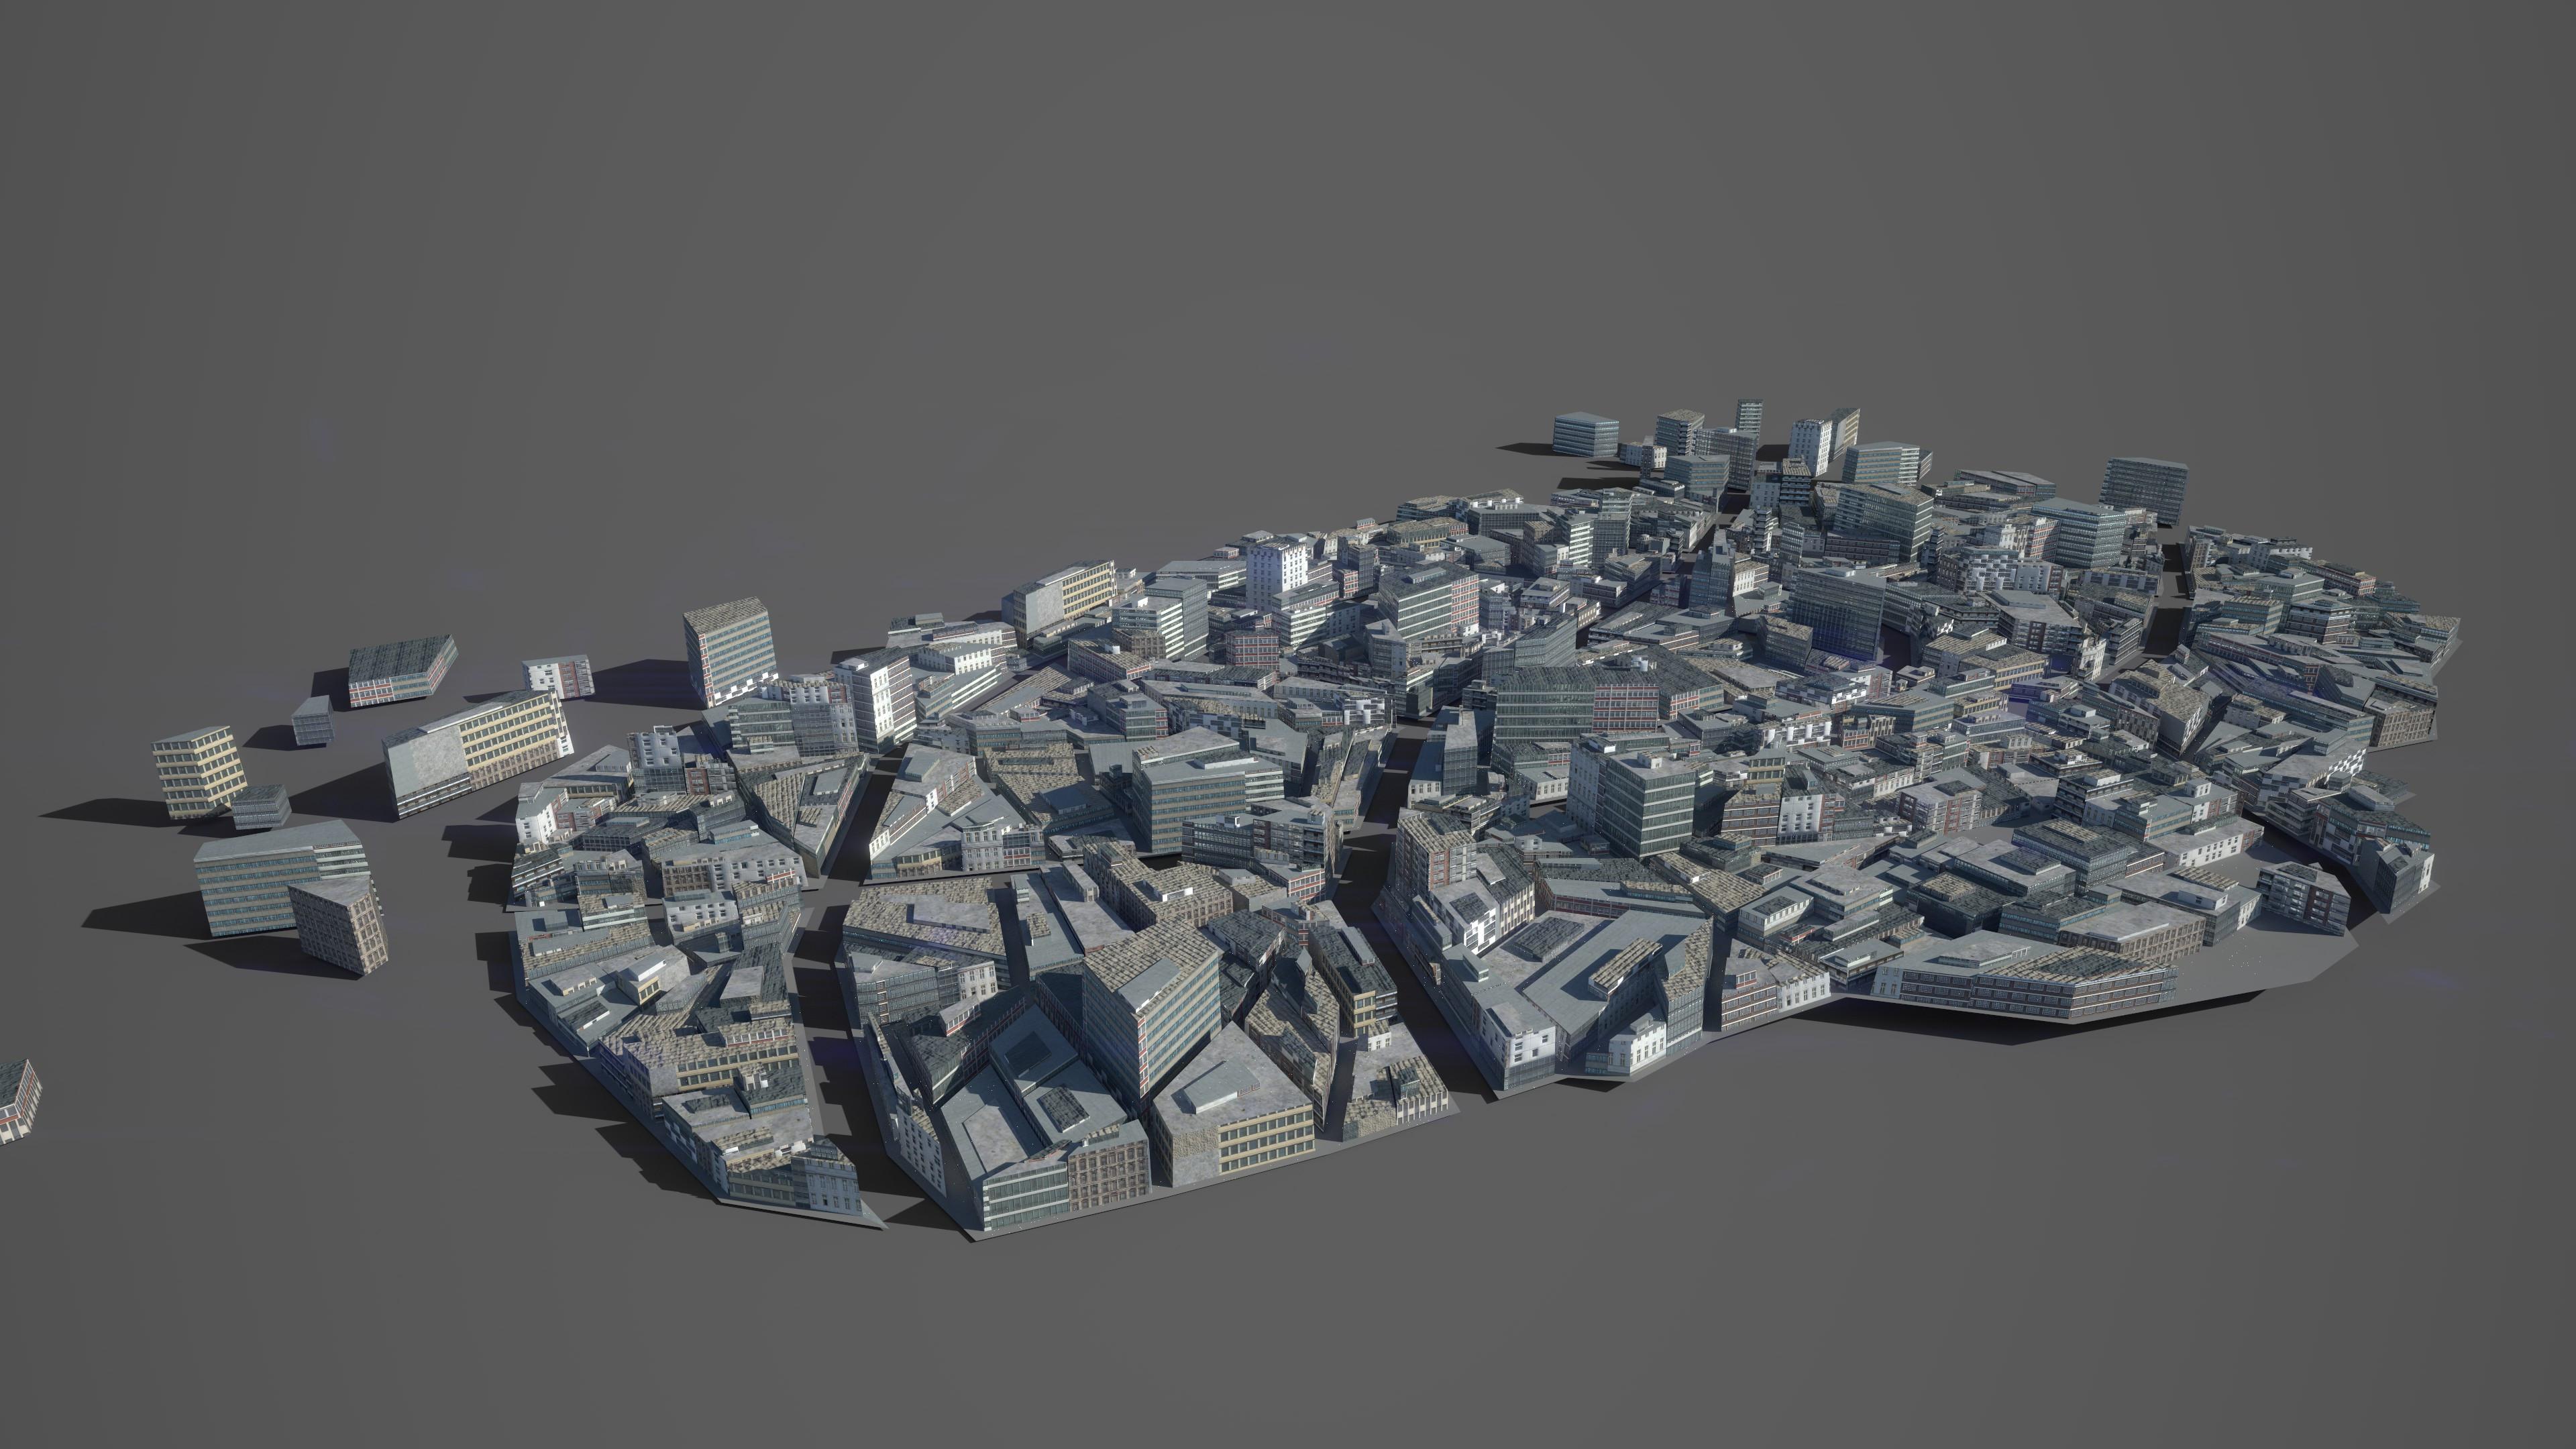 City far